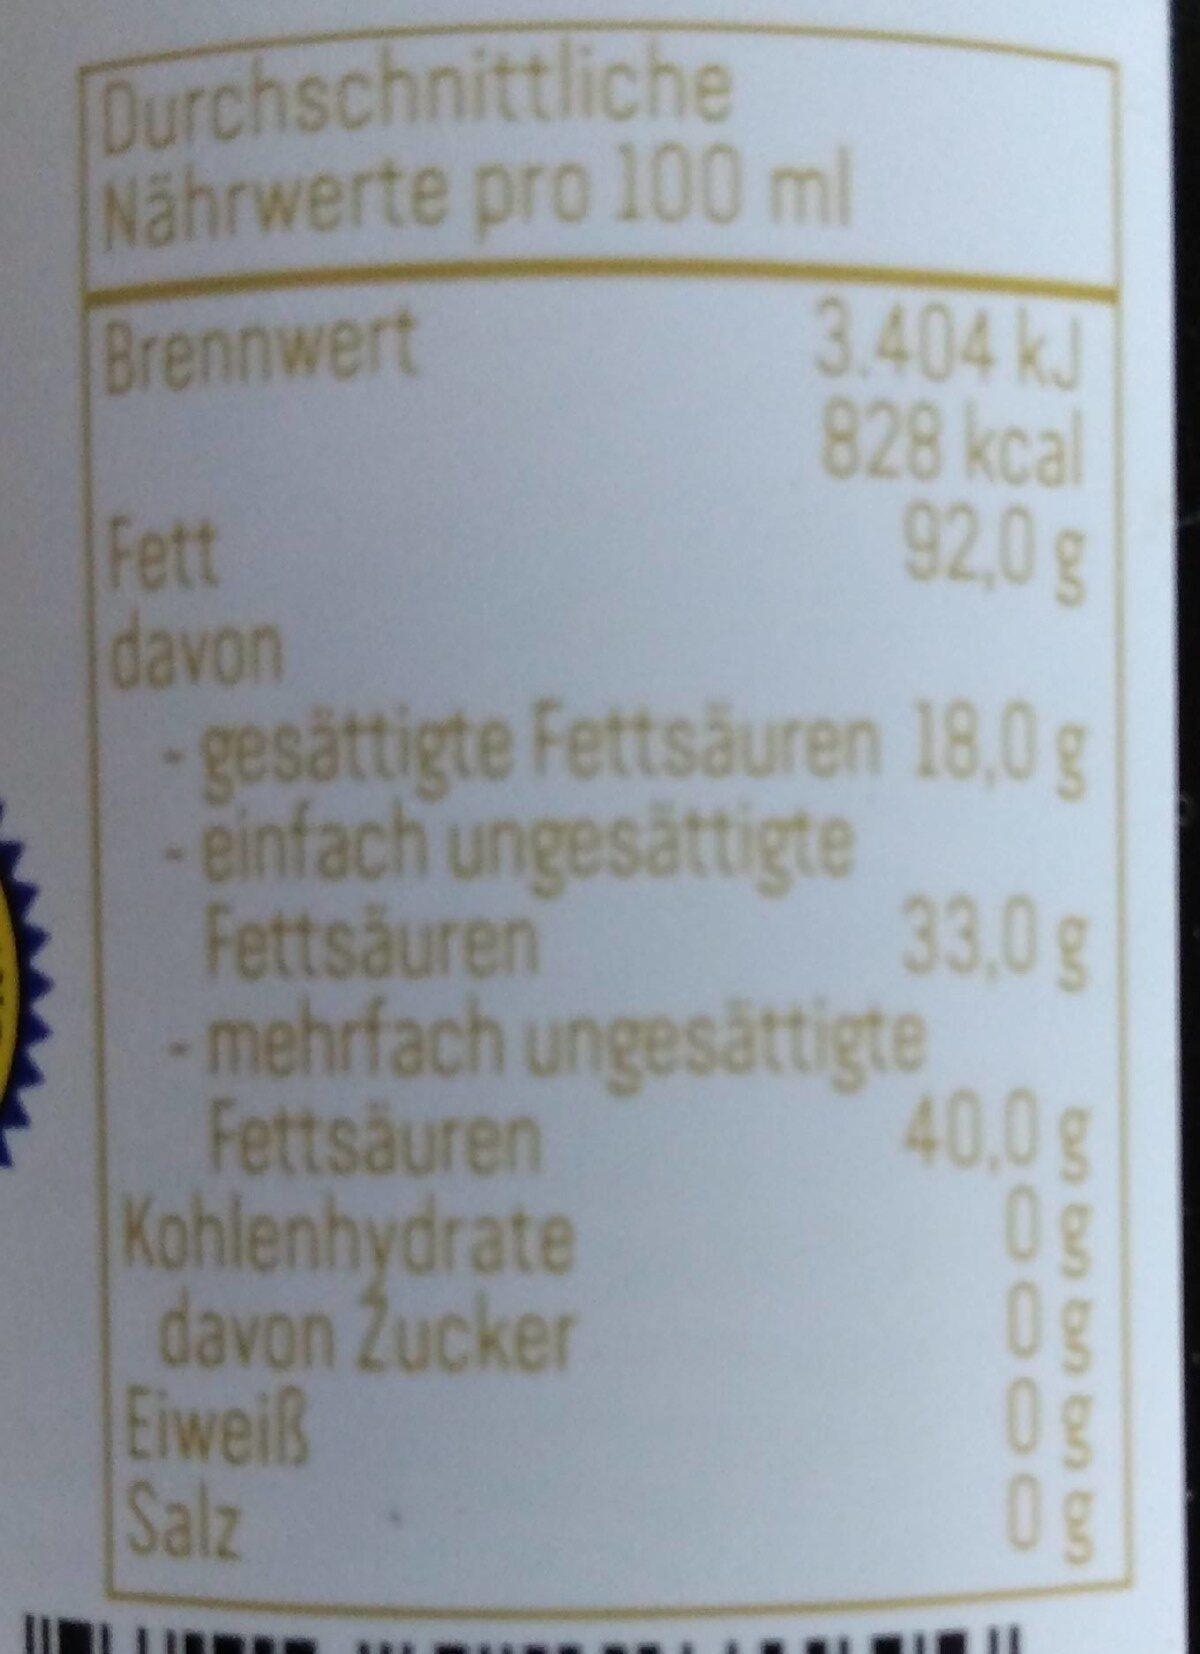 Steirisches Kürbiskernöl g. g. A. - Valori nutrizionali - de